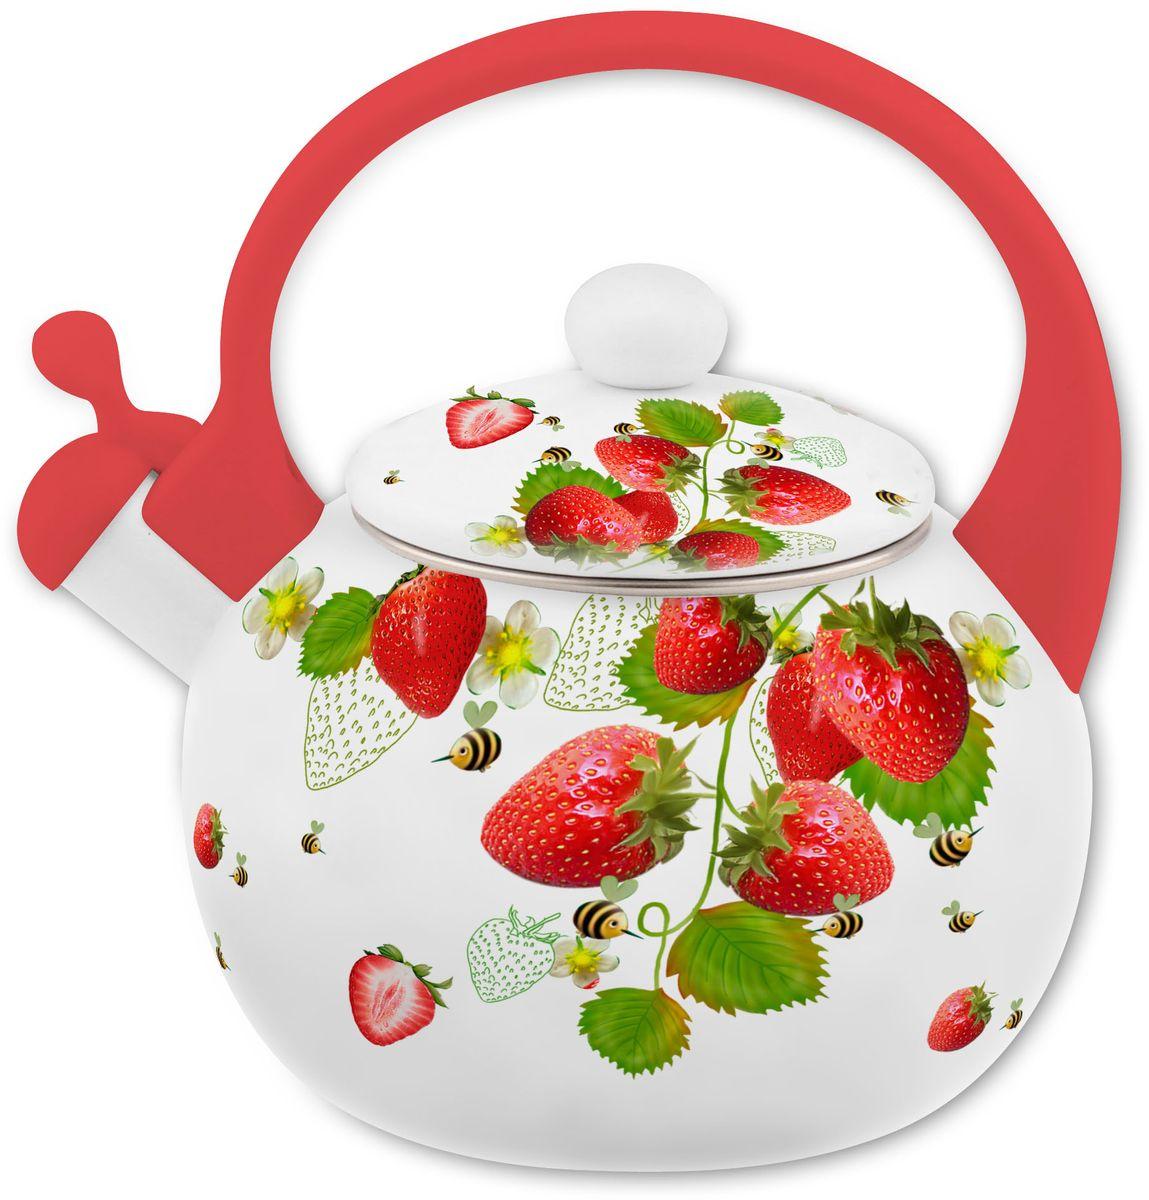 Чайник Appetite Верано, со свистком, цвет: белый, красный, 2 л26817-1Чайник Appetite Верано изготовлен из высококачественной углеродистой стали с эмалированным покрытием.Гигиеничен и устойчив к износу при длительном использовании. Гладкая и ровная поверхностьсущественно облегчает уход за посудой. Энергосберегающая технология позволяет быстро распределять идолгое время сохранять тепло. Благодаря высококачественным материалам, при кипячении чайник сохраняет всеполезные свойства воды.Корпус чайника имеет элегантное покрытие с ягодным рисунком. Носик чайника оснащен откидным свистком,звуковой сигнал которого подскажет, когда закипит вода. Это освободит вас от непрерывного наблюдения зачайником. Свисток приподнимается с помощью специального механизма на ручке чайника. Эргономичная ручкавыполнена из термопластика. Объем: 2 л.